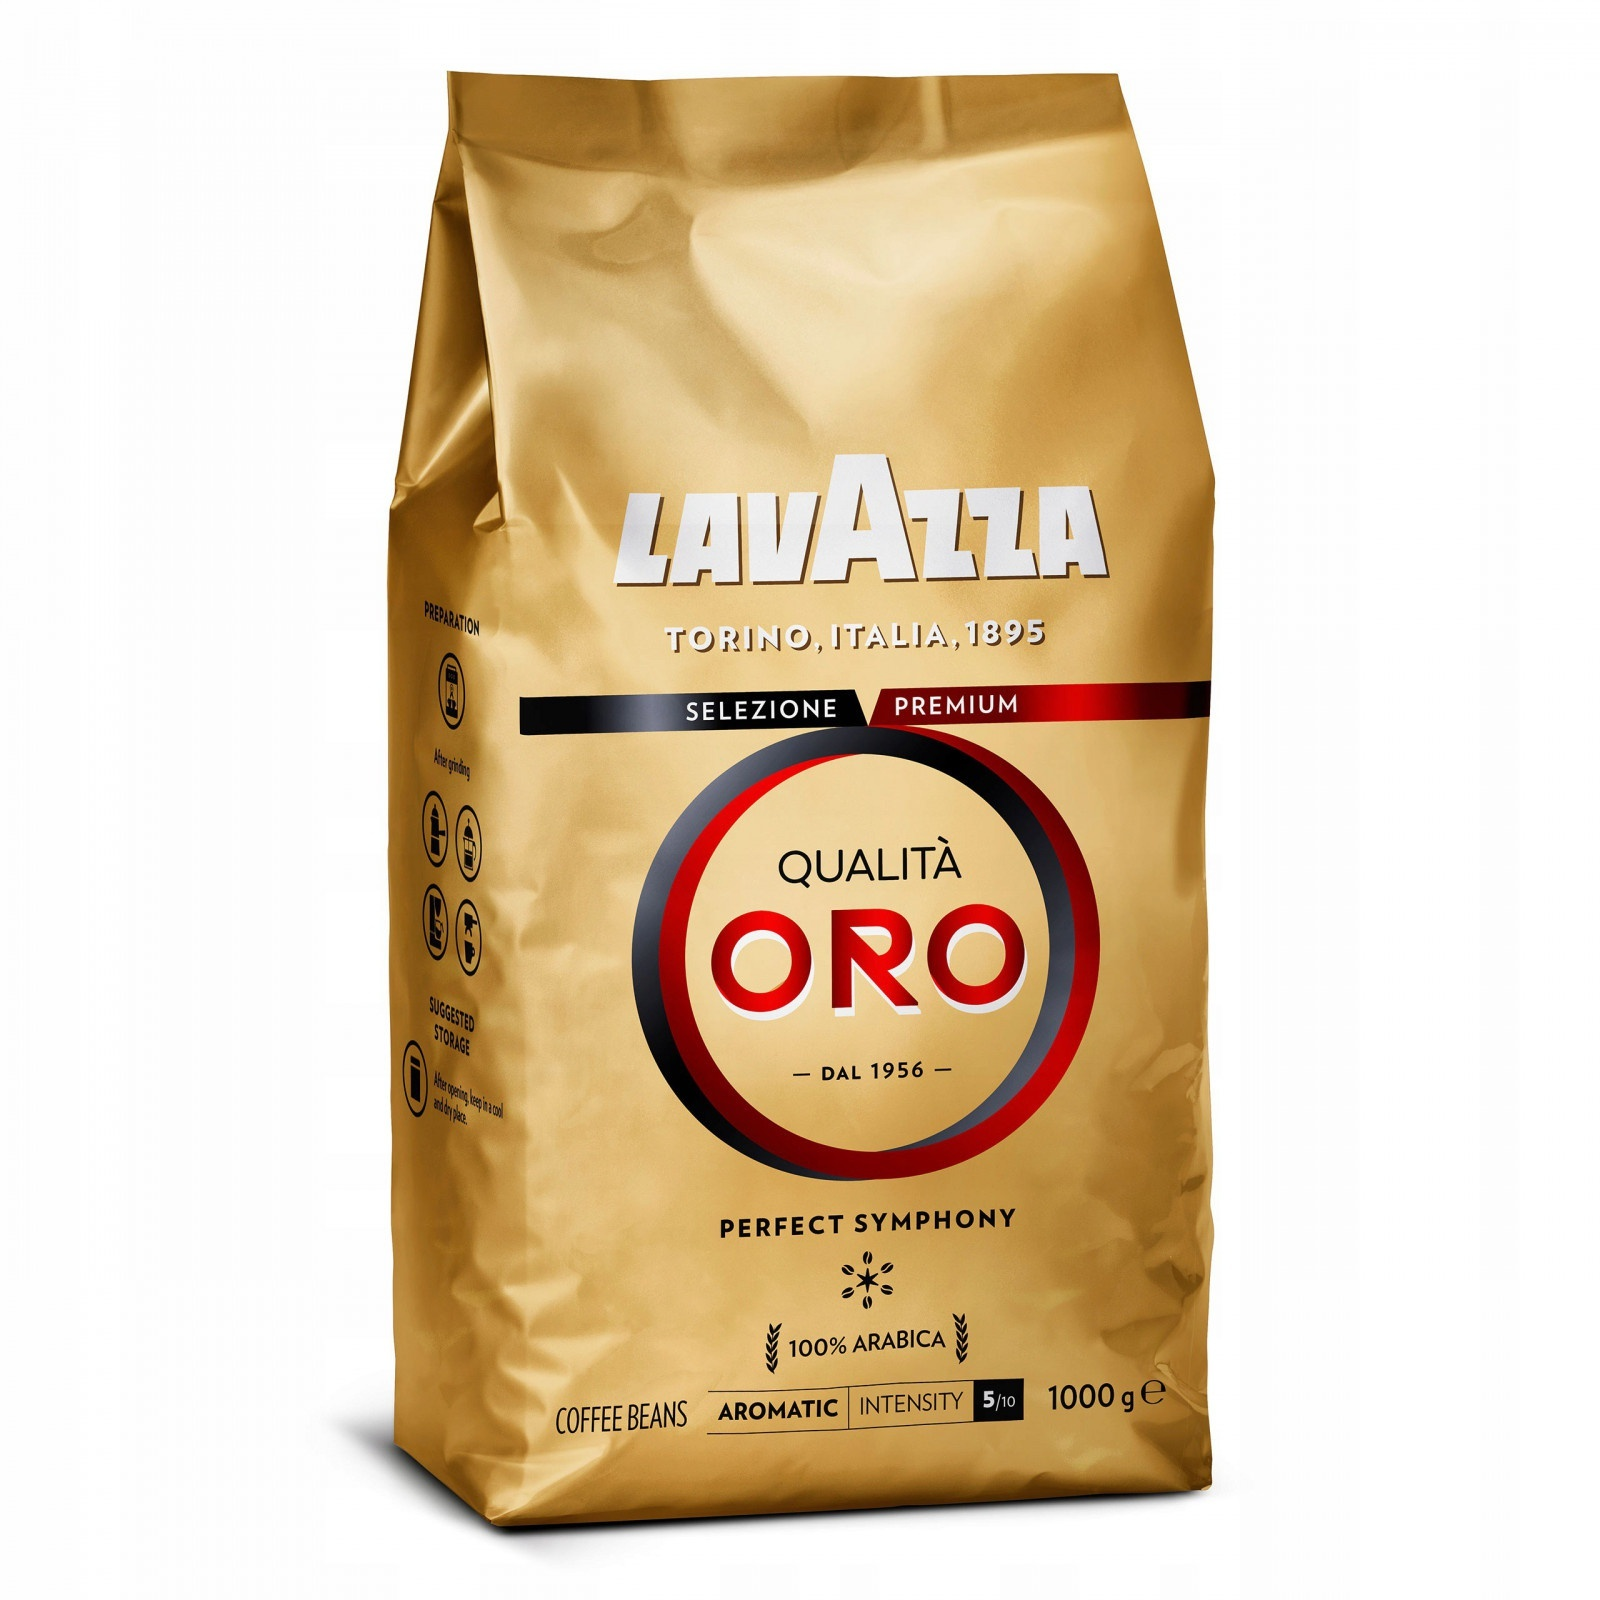 Zrnková káva Lavazza Qualita Oro 1kg megamix.sk